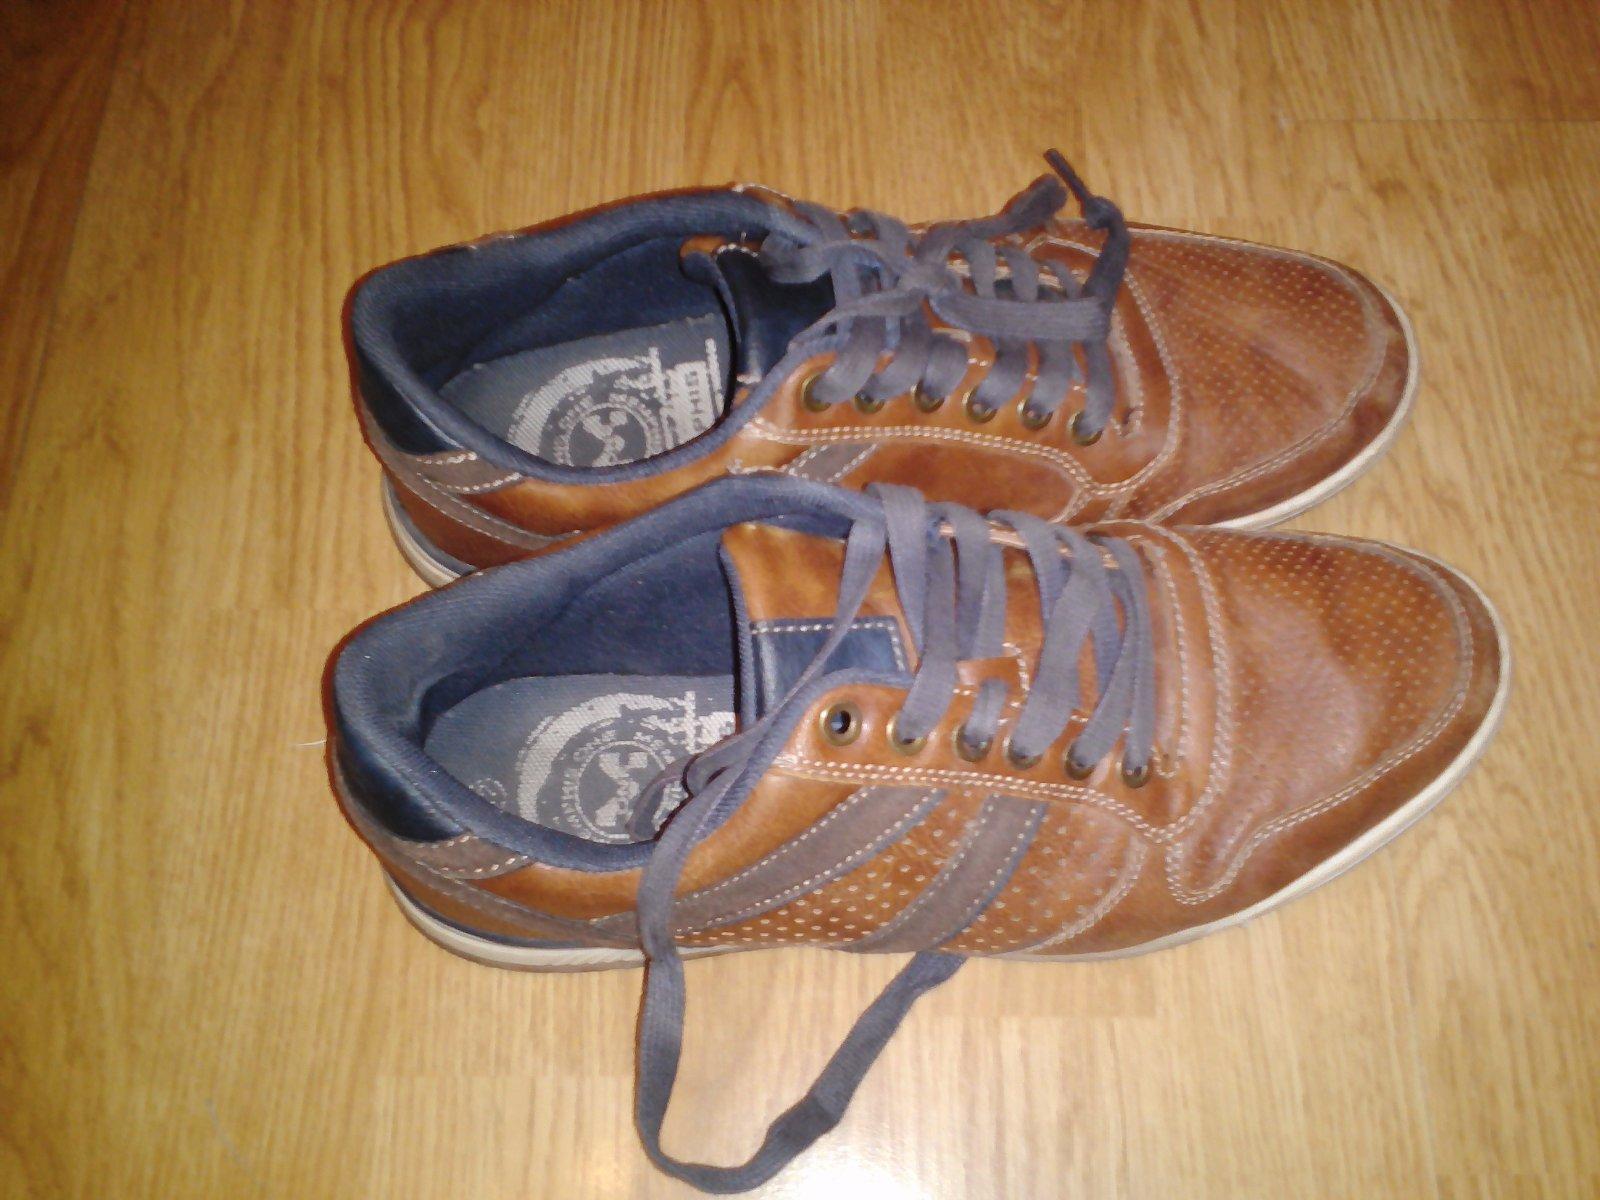 ffedfd42c Pánske topánky, deichmann,42 - 8 € od predávajúcej lenmaroli | Detský bazár  | ModryKonik.sk